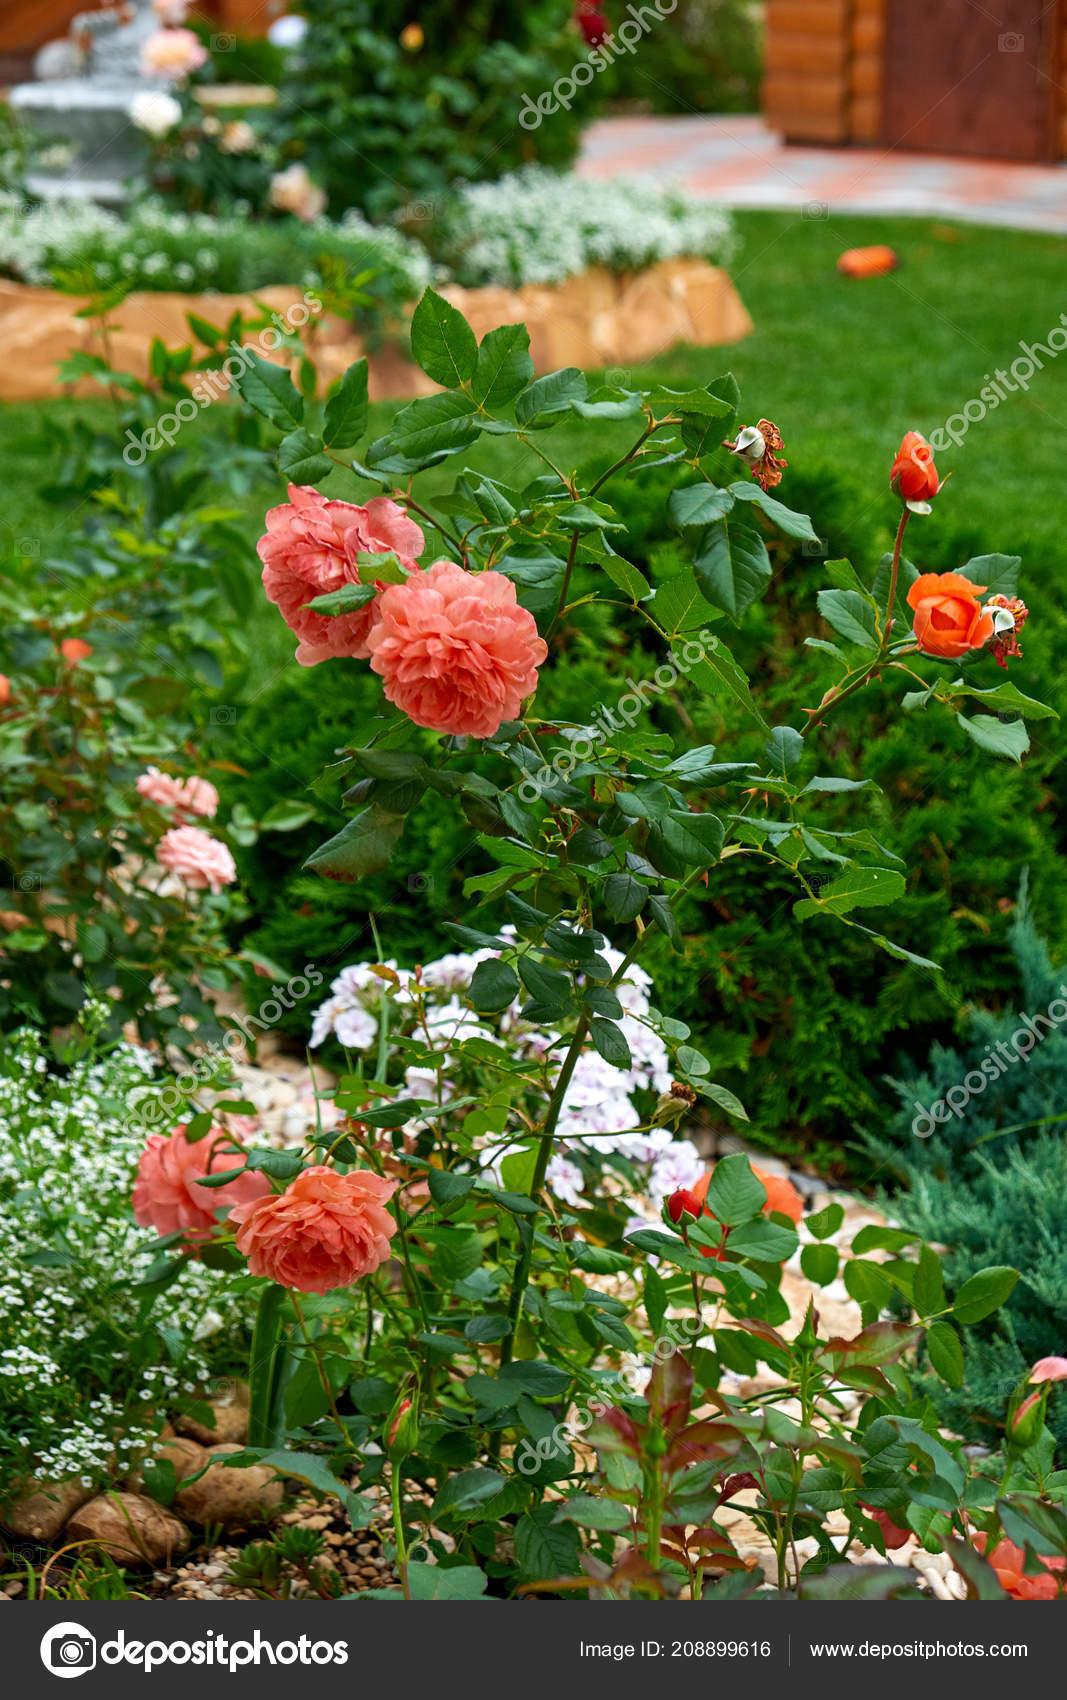 Landschaftsgestaltung Blumen Garten Blumen Im Garten Nach Regen